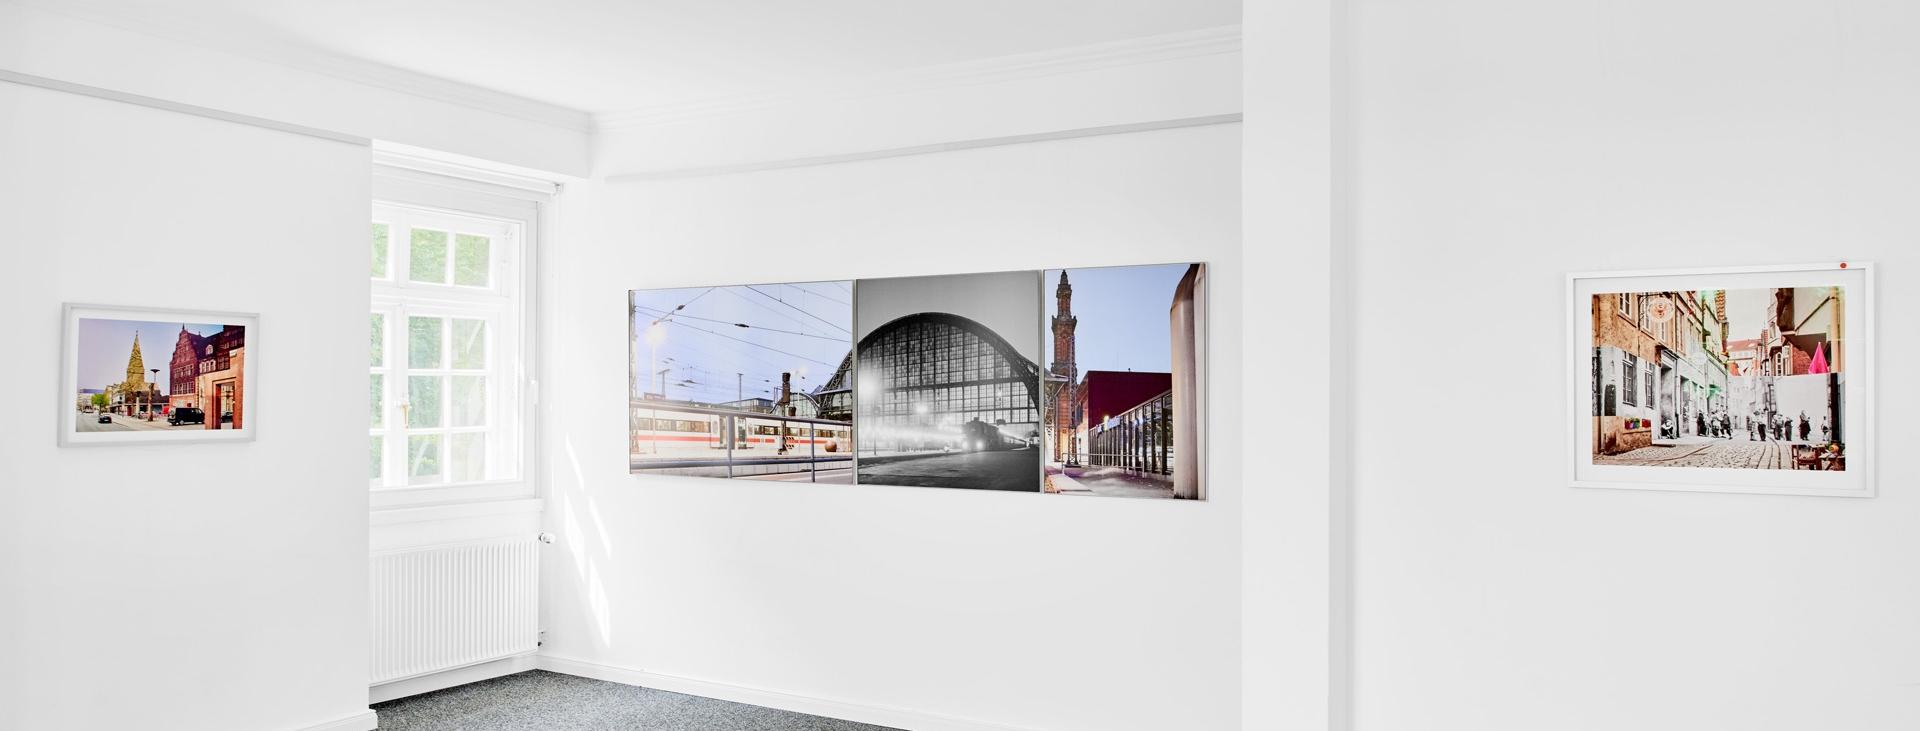 CS20170730 KunstvereinAchim 013.jpg